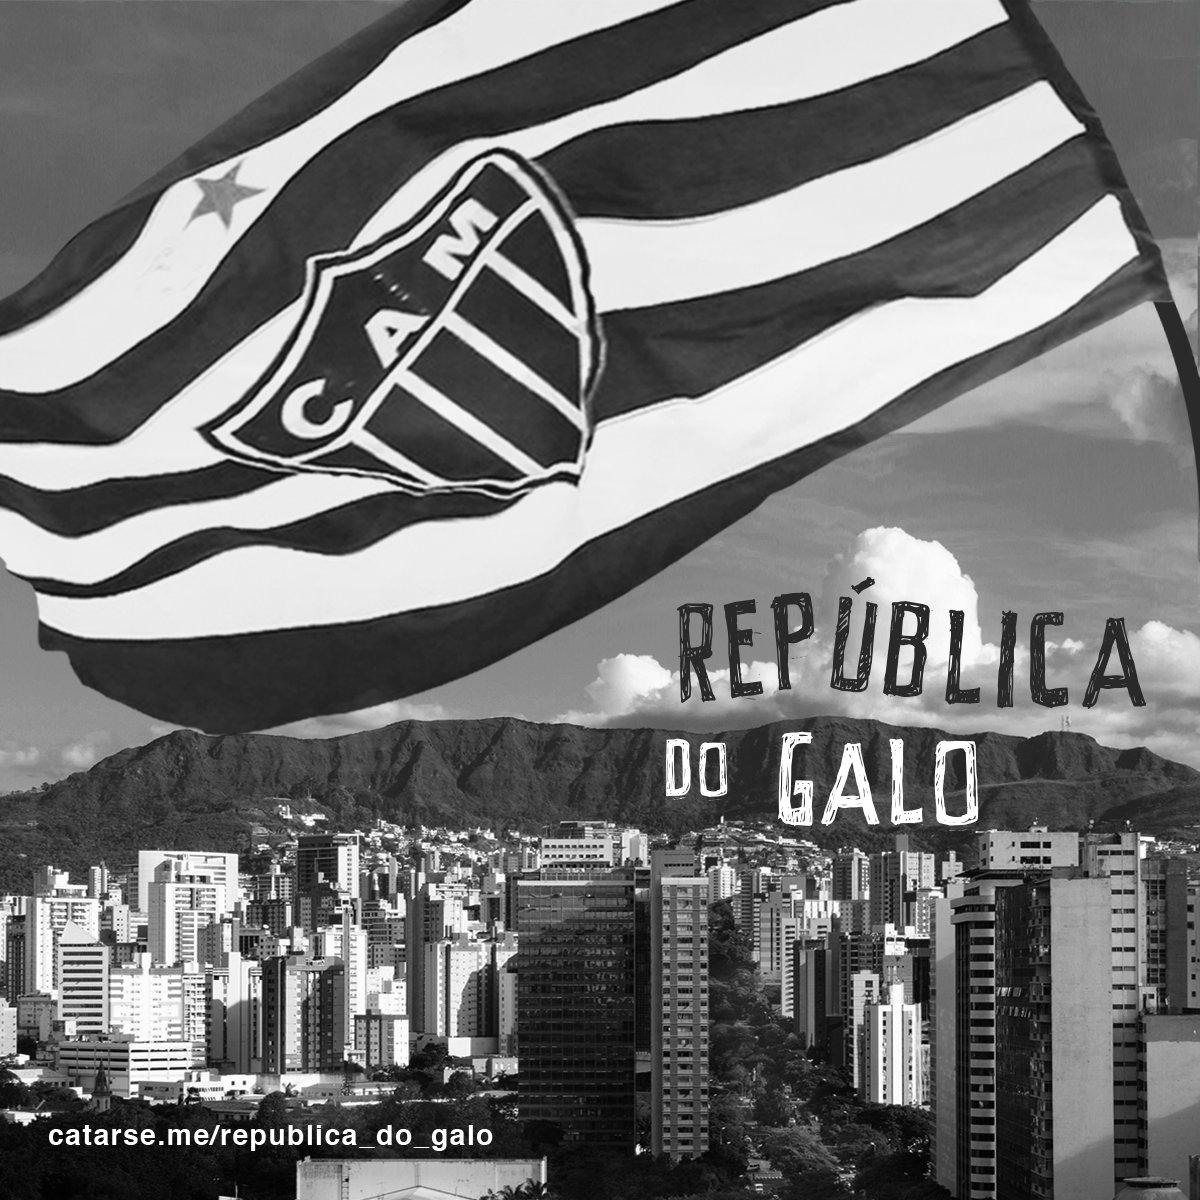 Participe da República do Futebol e faça parte do movimento de popularização de um dos nossos maiores símbolos: a Bandeira Oficial do Clube. Saiba mais, acesse: https://t.co/padnhjnGFH #Galo